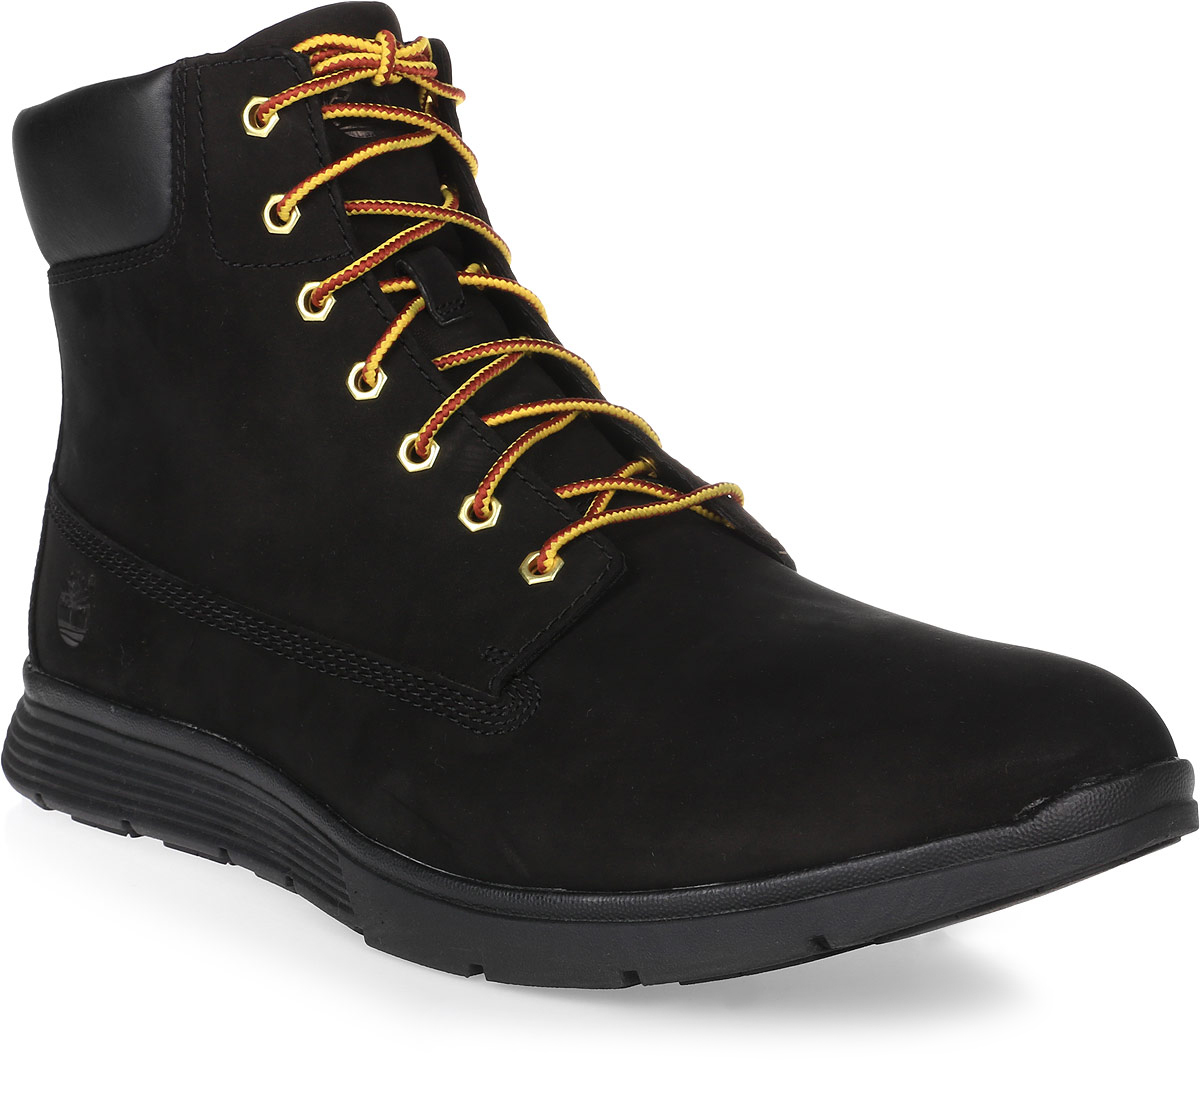 Ботинки мужские Timberland Killington 6 Boot, цвет: черный. TBLA19URW. Размер 11 (44)TBLA19URWСтильные мужские ботинки 6 Boot от Timberland заинтересуют вас своим дизайном с первого взгляда! Модель изготовлена из натурального нубука с эксклюзивной технологией Anti-Fatigue. Герметичная водонепроницаемая конструкция сохранит ноги сухими в любую погоду. Обувь оформлена сбоку и на язычке фирменным тиснением, вдоль ранта - крупной прострочкой. Классическая шнуровка прочно зафиксирует обувь на вашей ноге. Внутренняя поверхность из текстиля не натирает. Стелька из материала ЭВА с текстильной поверхностью комфортна при движении. Прочная подошва с рельефным протектором гарантирует отличное сцепление с любой поверхностью. Модные ботинки займут достойное место среди вашей коллекции обуви.